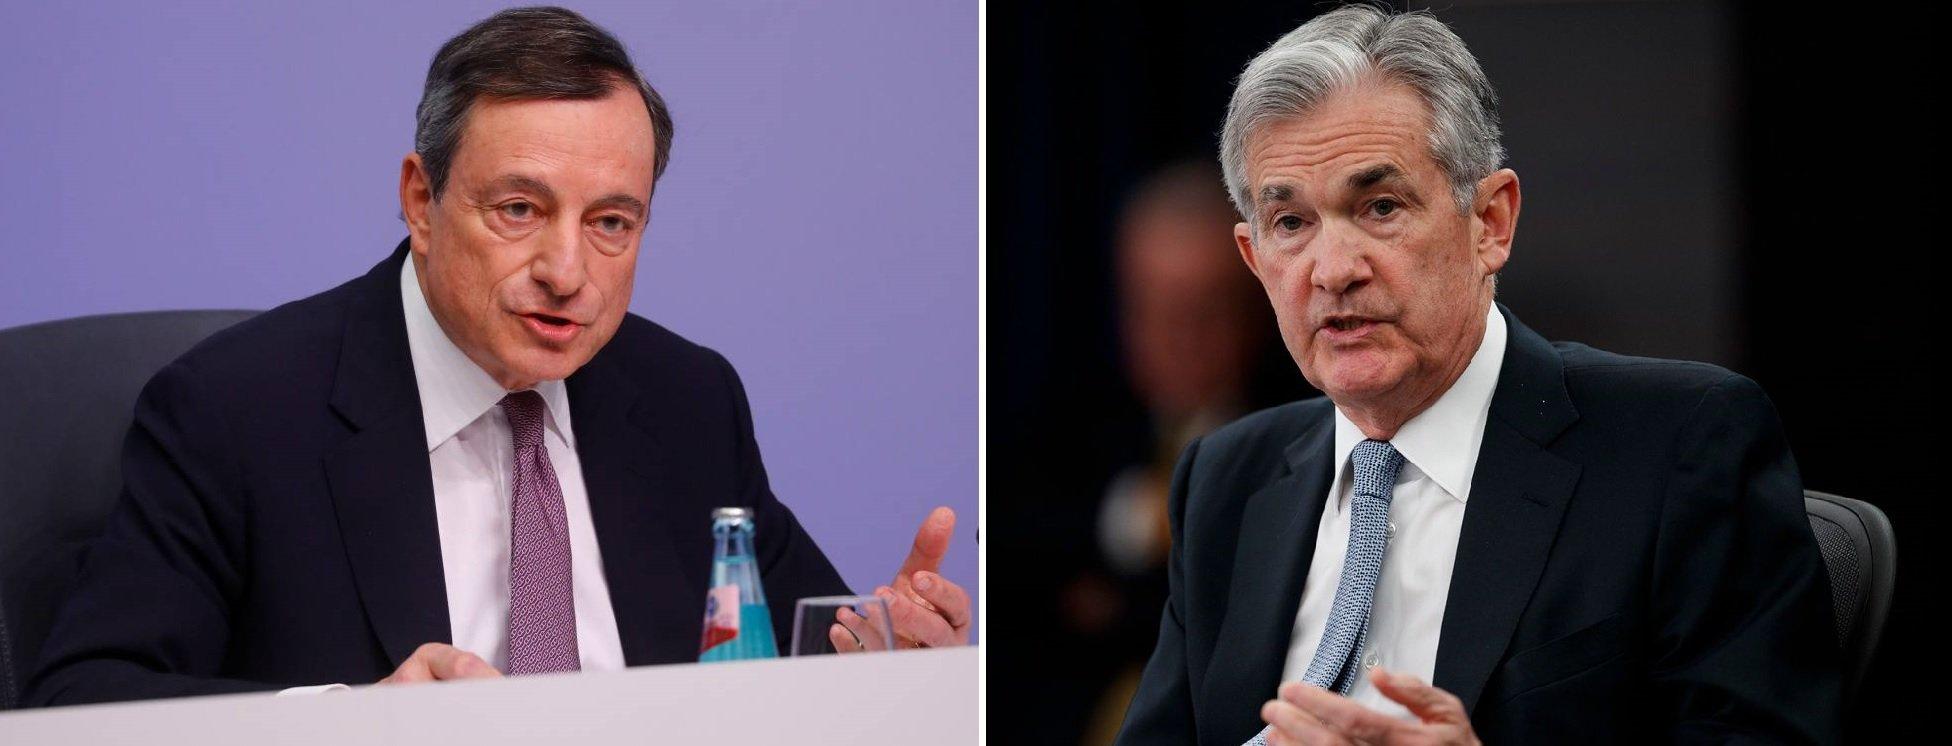 Mario Draghi y Jerome Powell se han cargado el negocio bancario y, de paso, nos abocan a una crisis financiera permanente